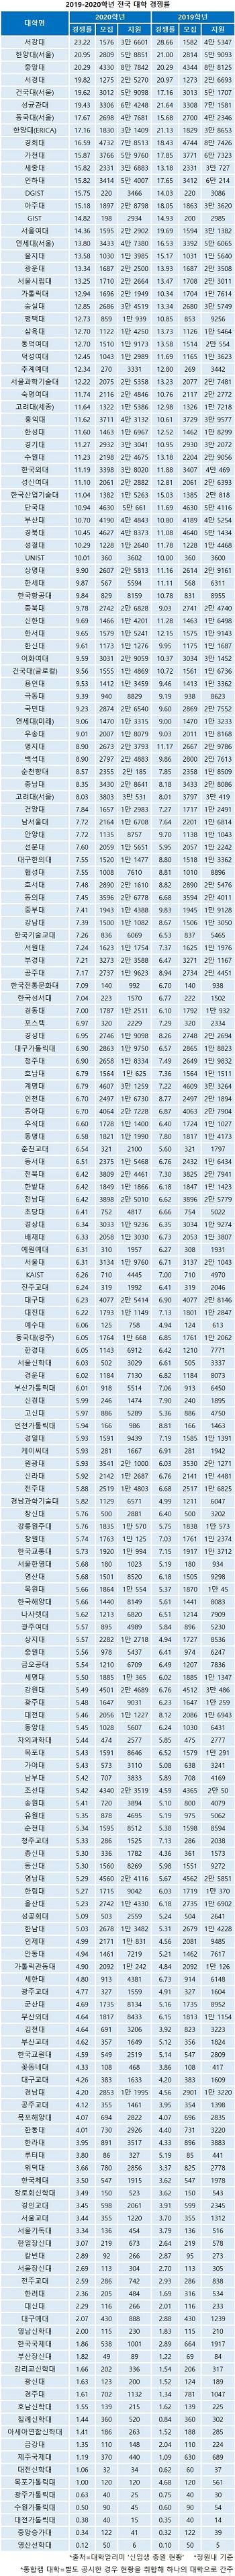 2019-2020학년 전국 대학 경쟁률.jpg